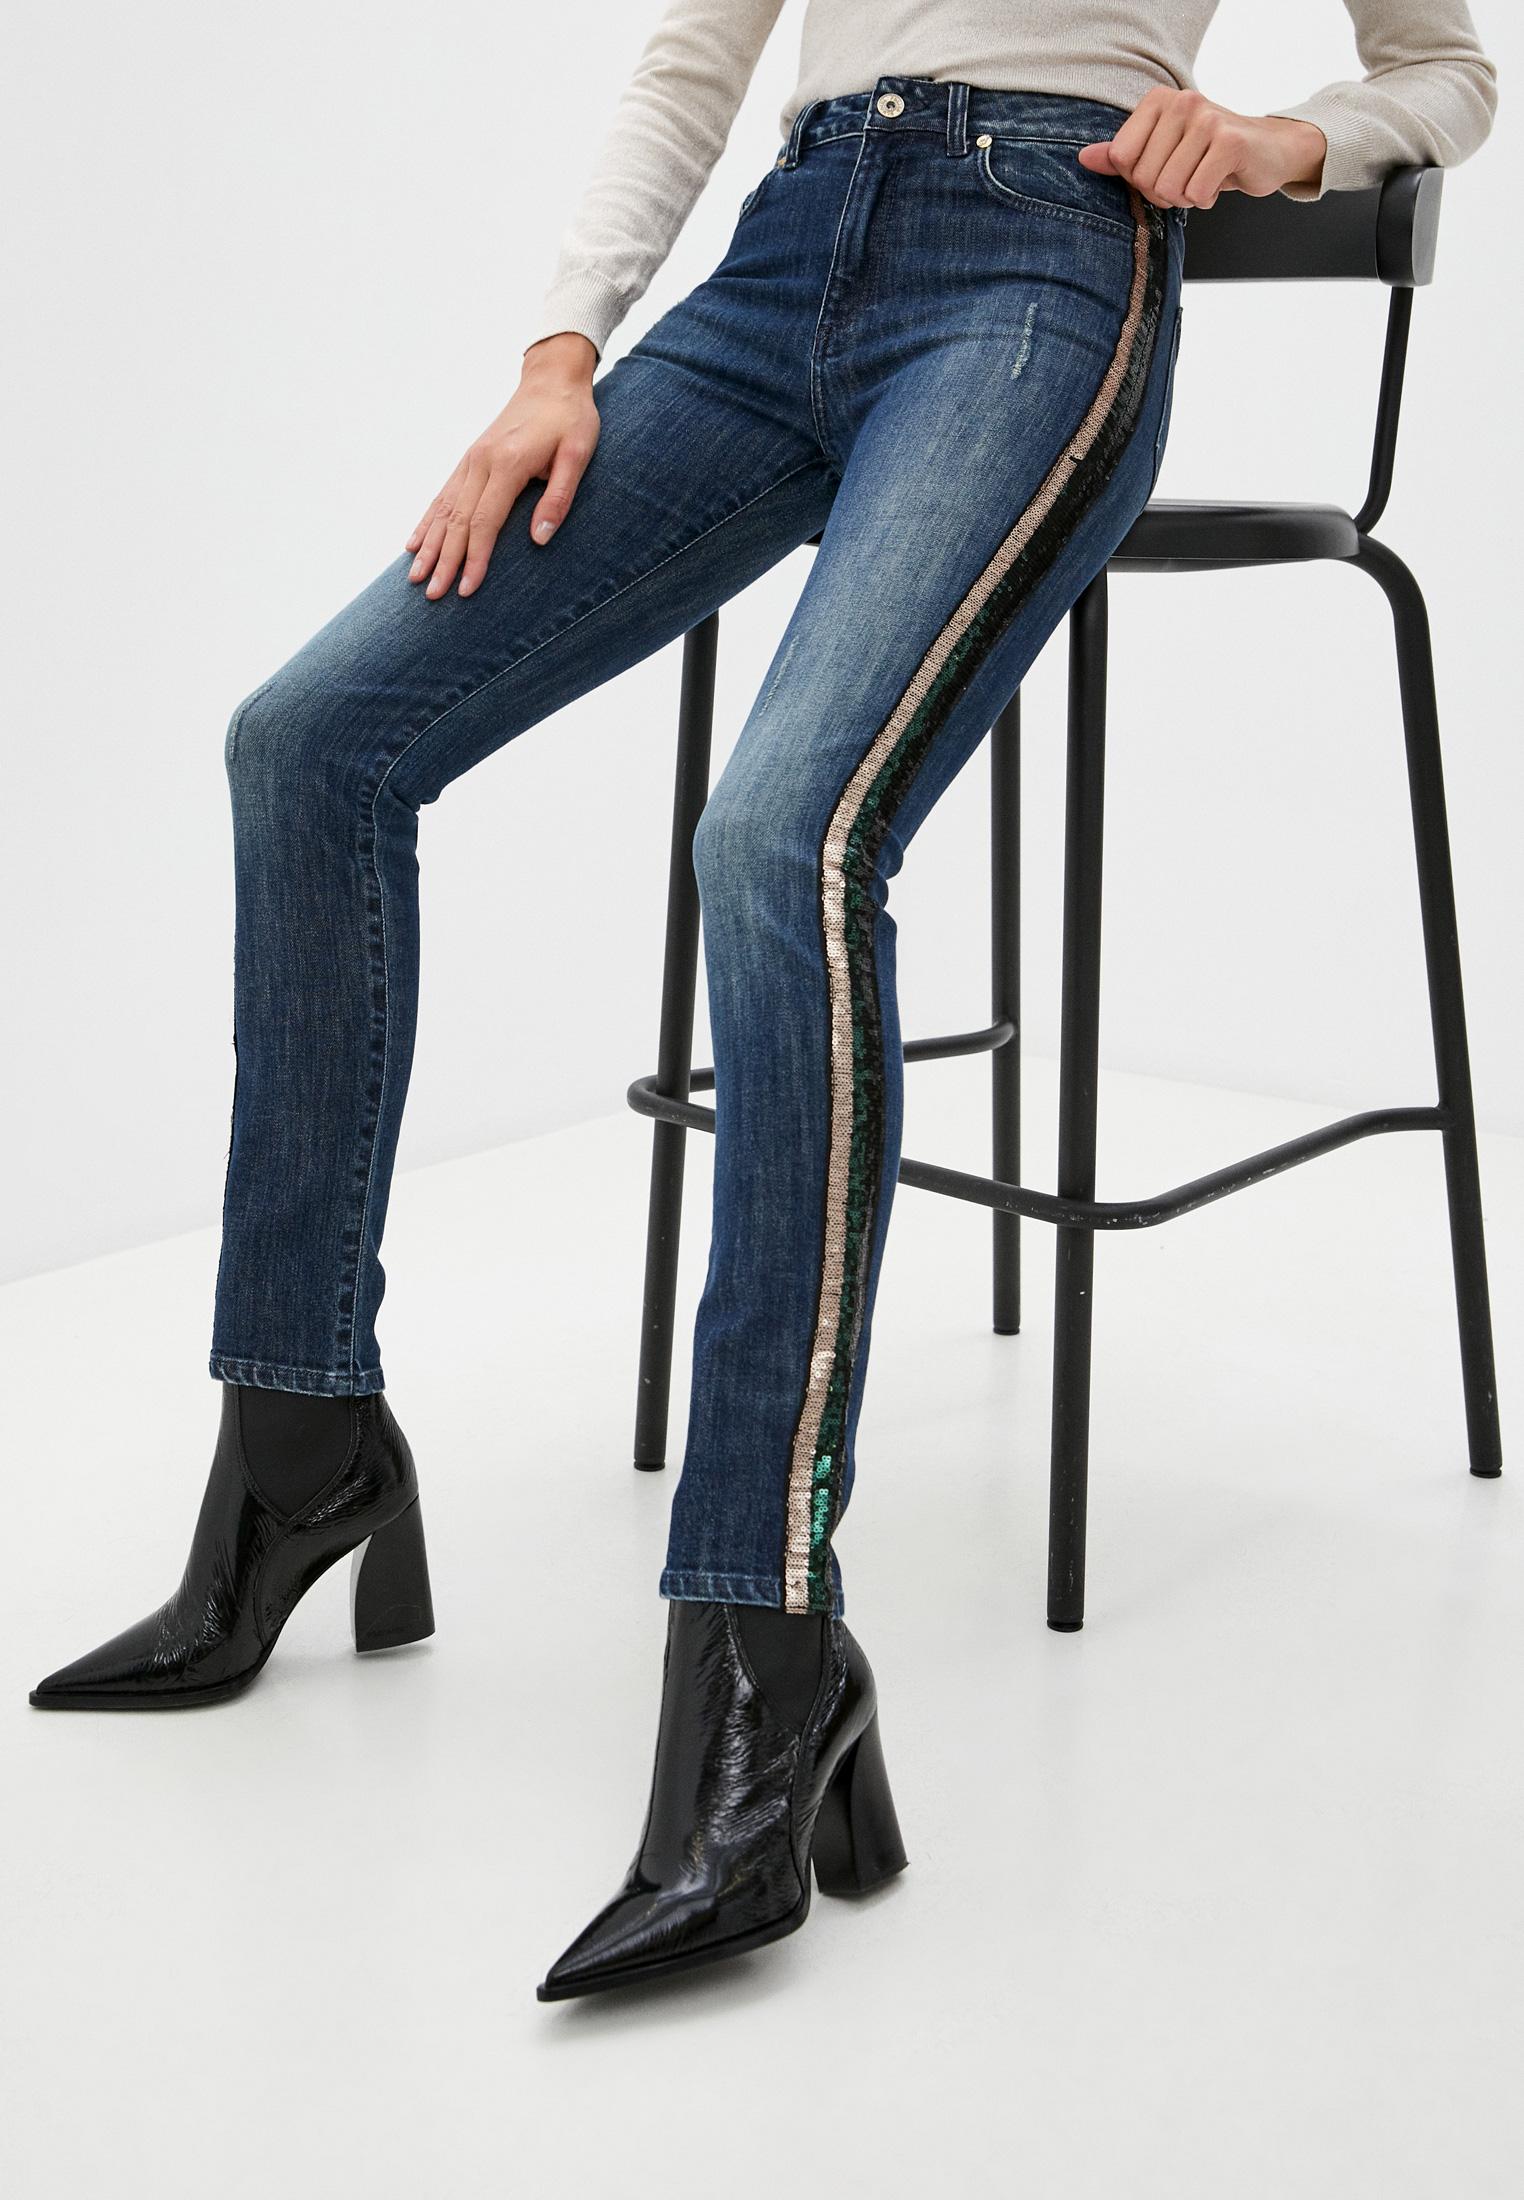 Зауженные джинсы Blugirl Folies BF4251 6345